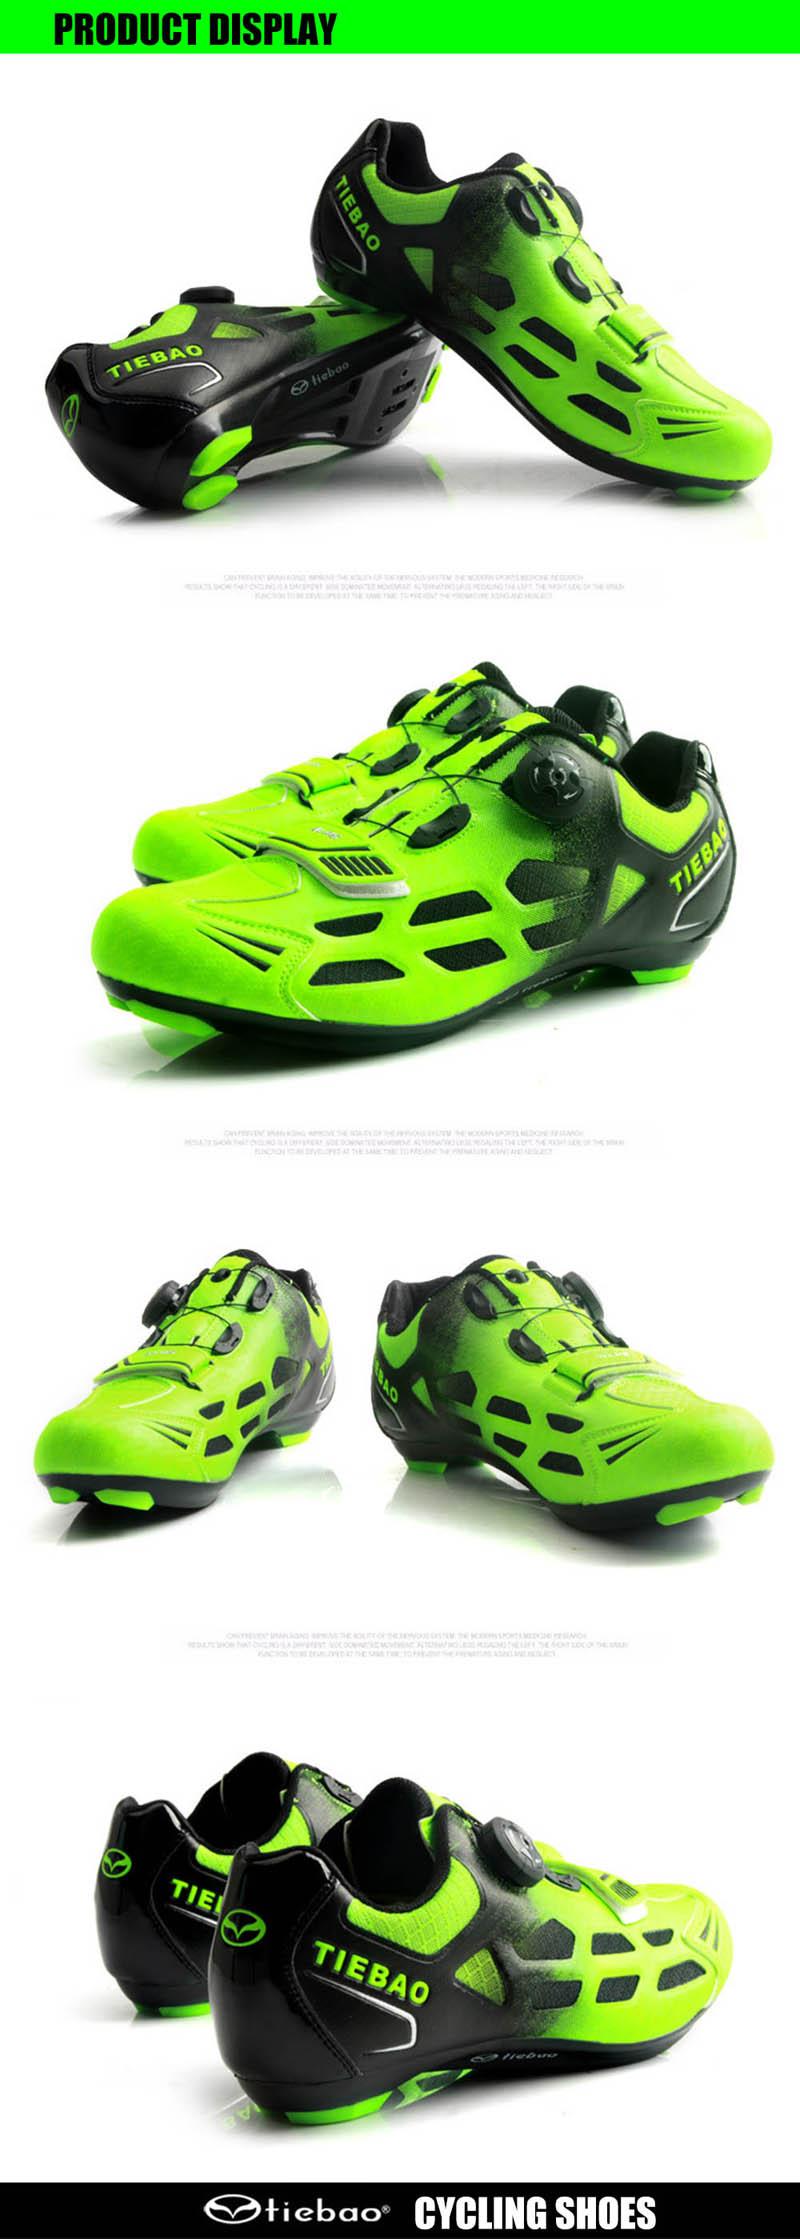 dos homens pro ciclismo sapatos de bicicleta